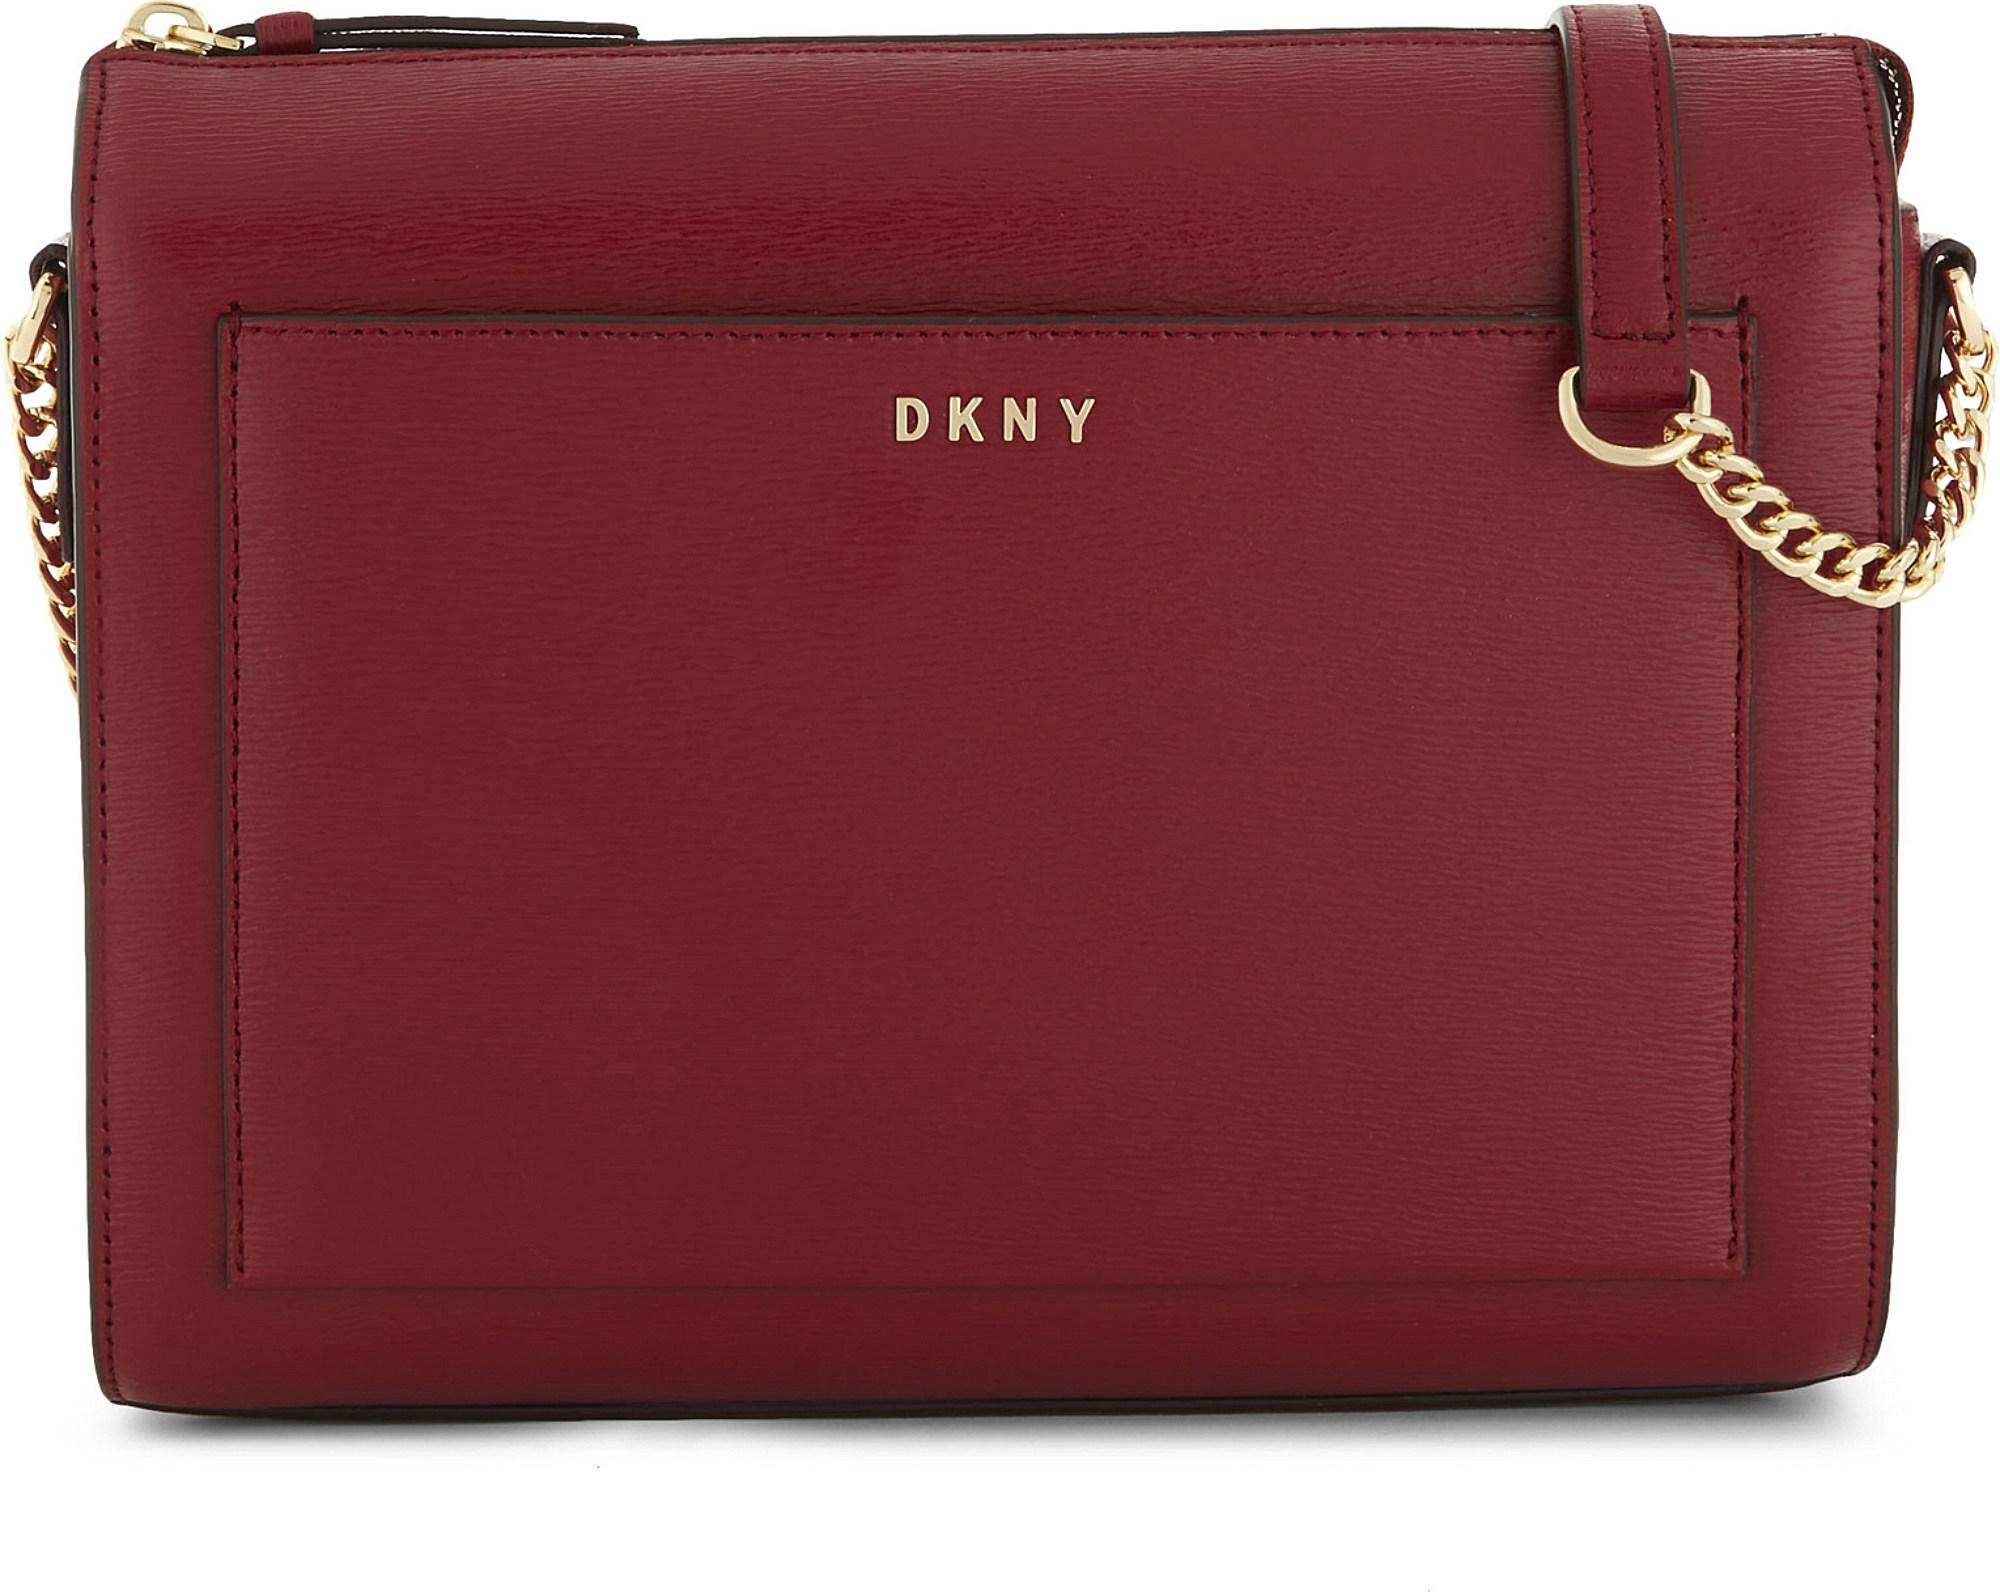 2f03ed08c8ae Lyst - DKNY Bryant Medium Leather Cross-body Bag in Red